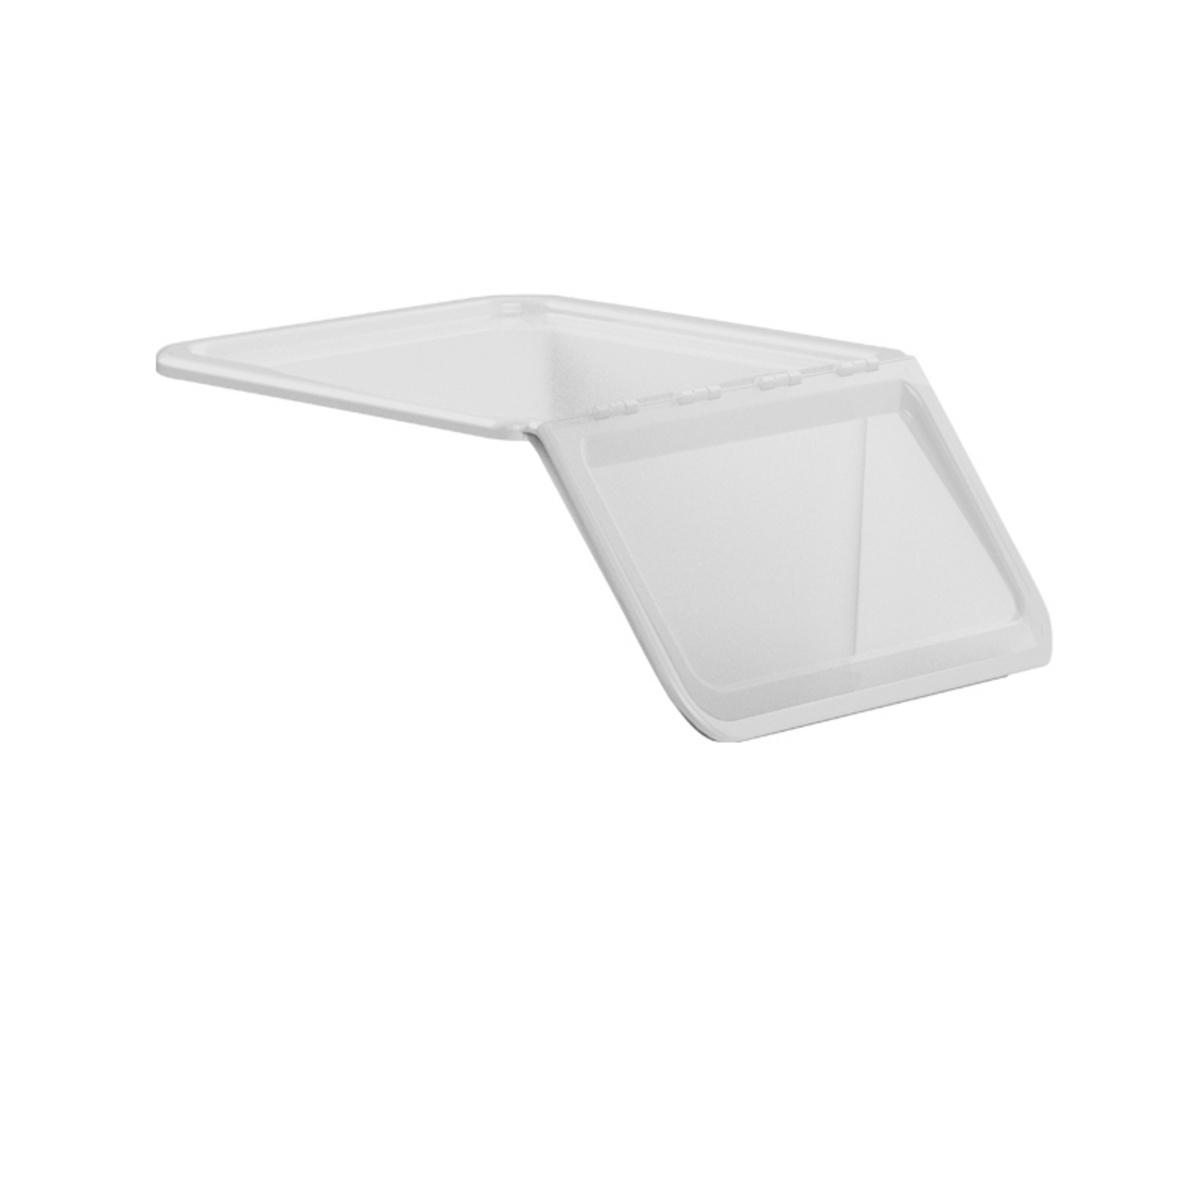 Couvercle pour bac à ingrédients 40 l rectangulaire transparent plastique 40x69 cm Gilac